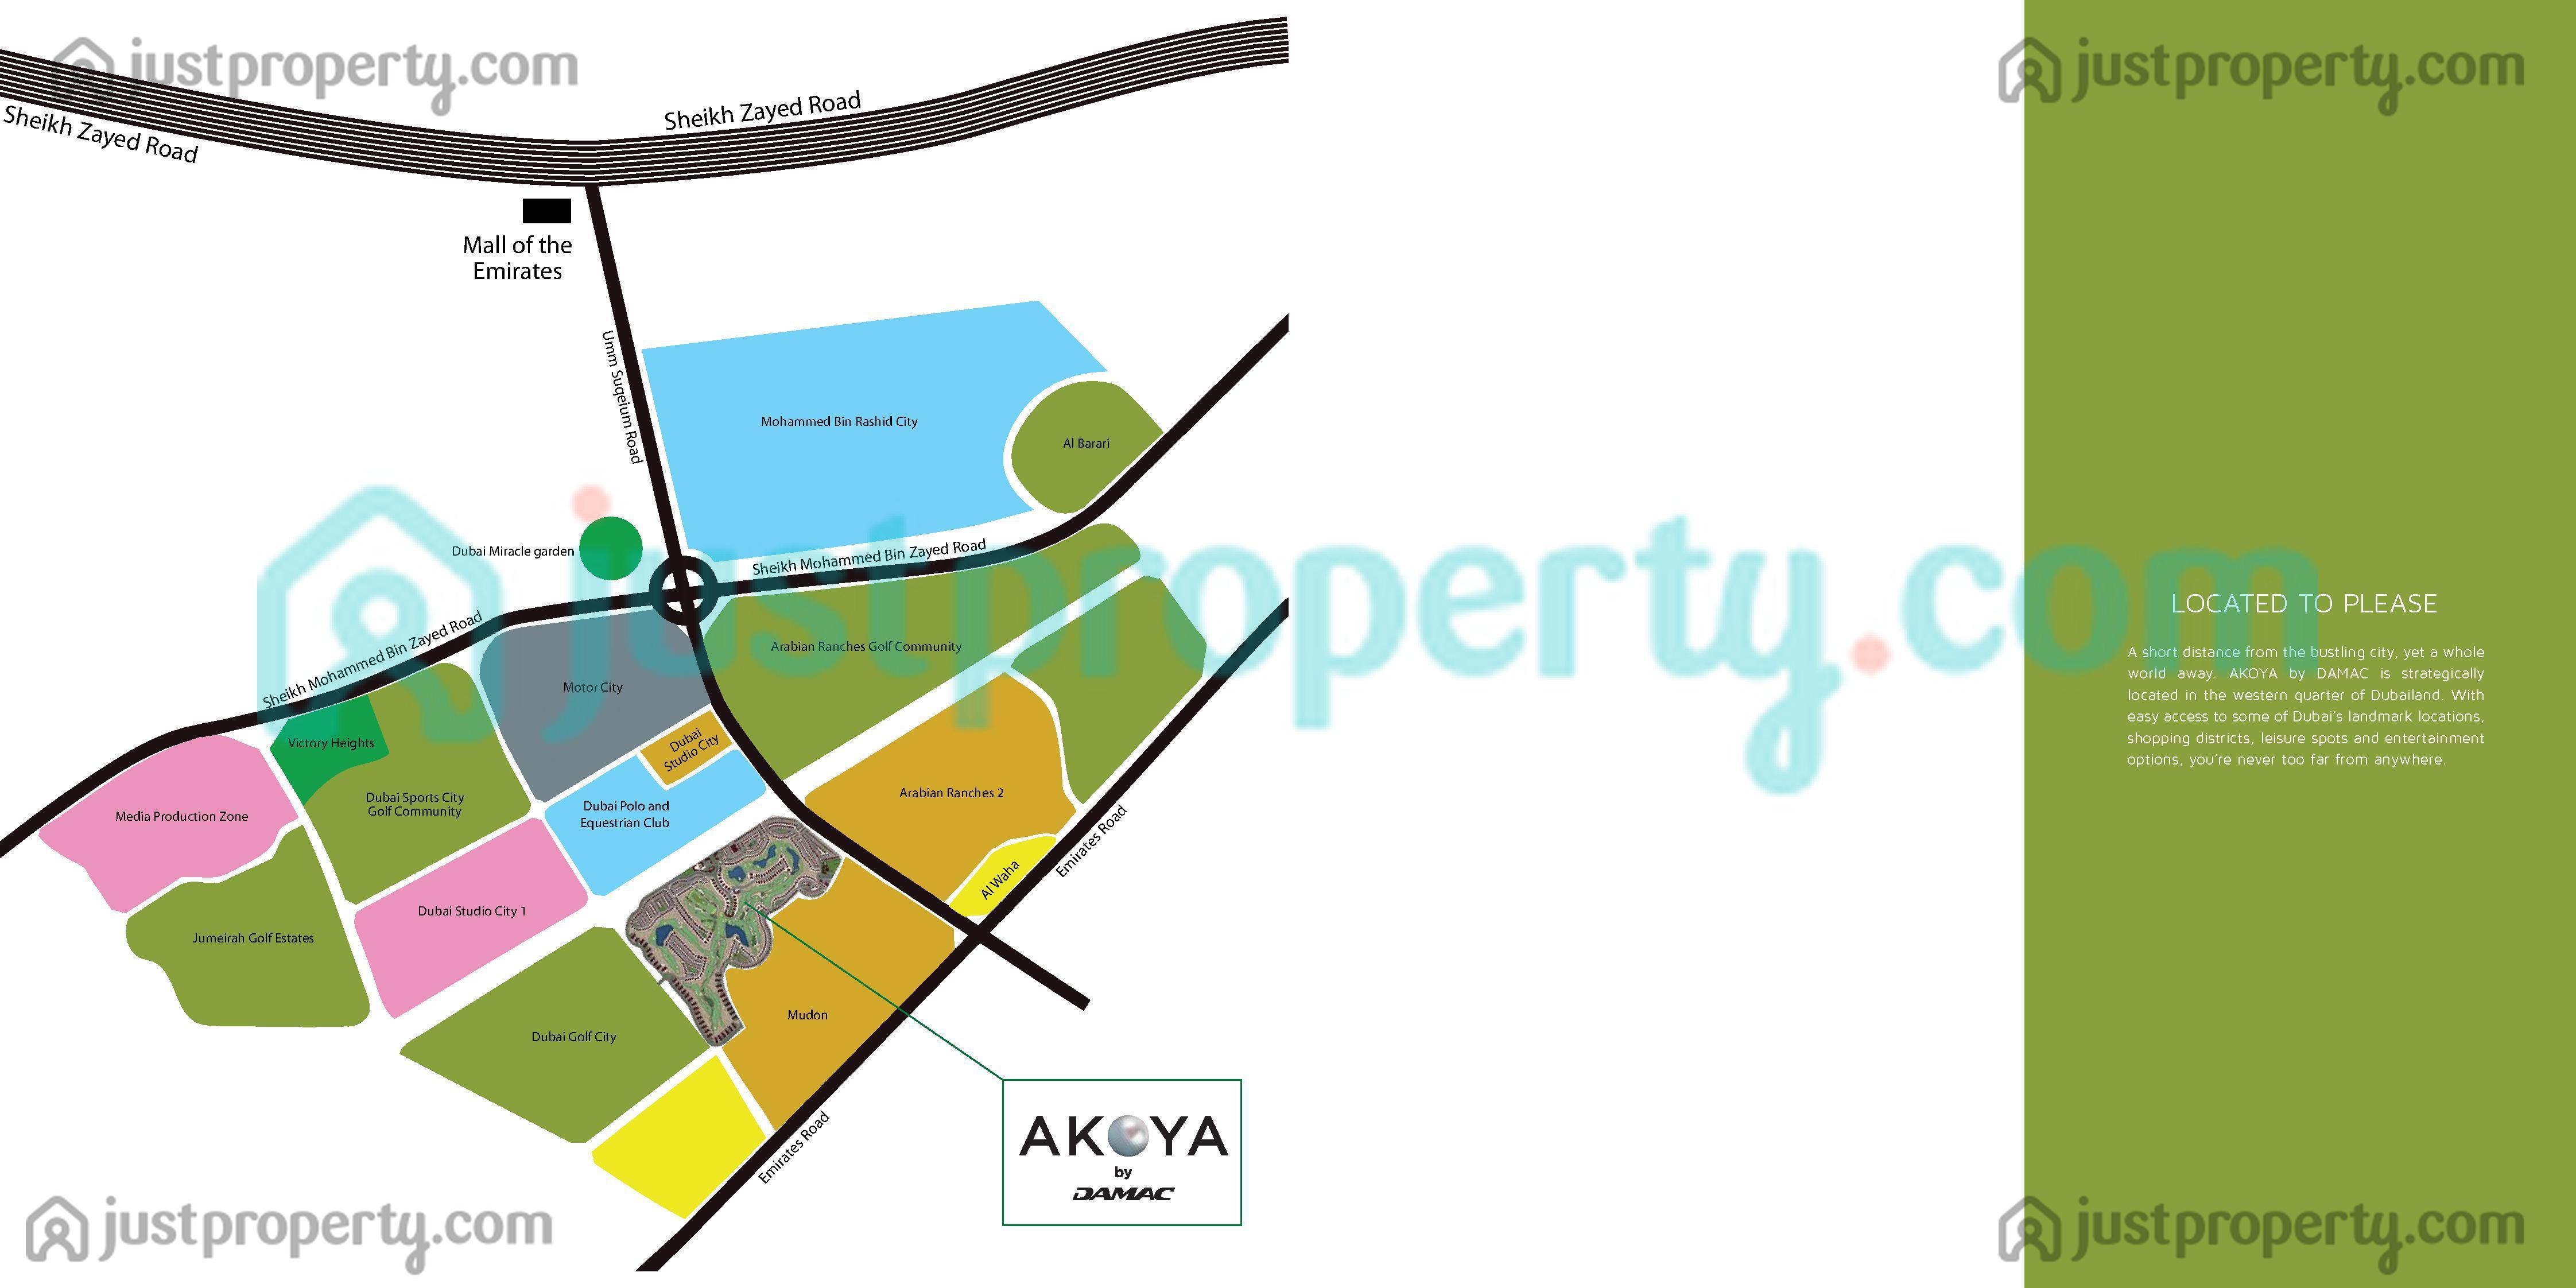 Floor Plans for Akoya